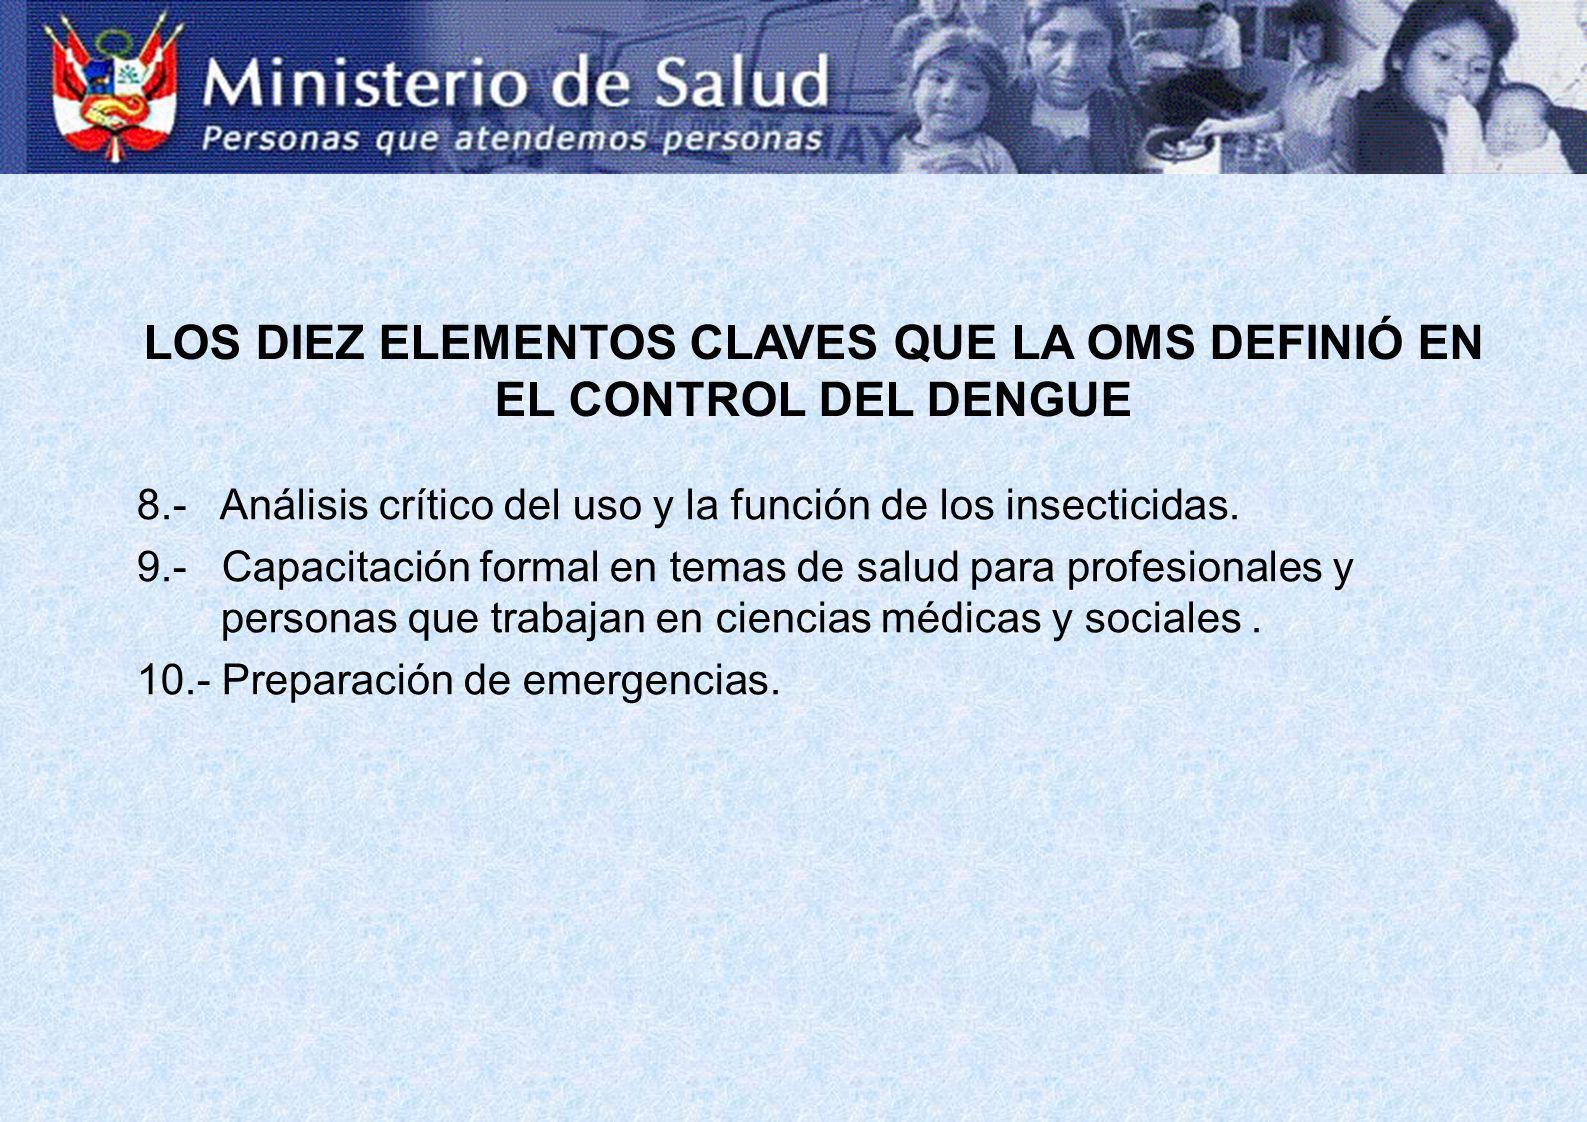 LOS DIEZ ELEMENTOS CLAVES QUE LA OMS DEFINIÓ EN EL CONTROL DEL DENGUE